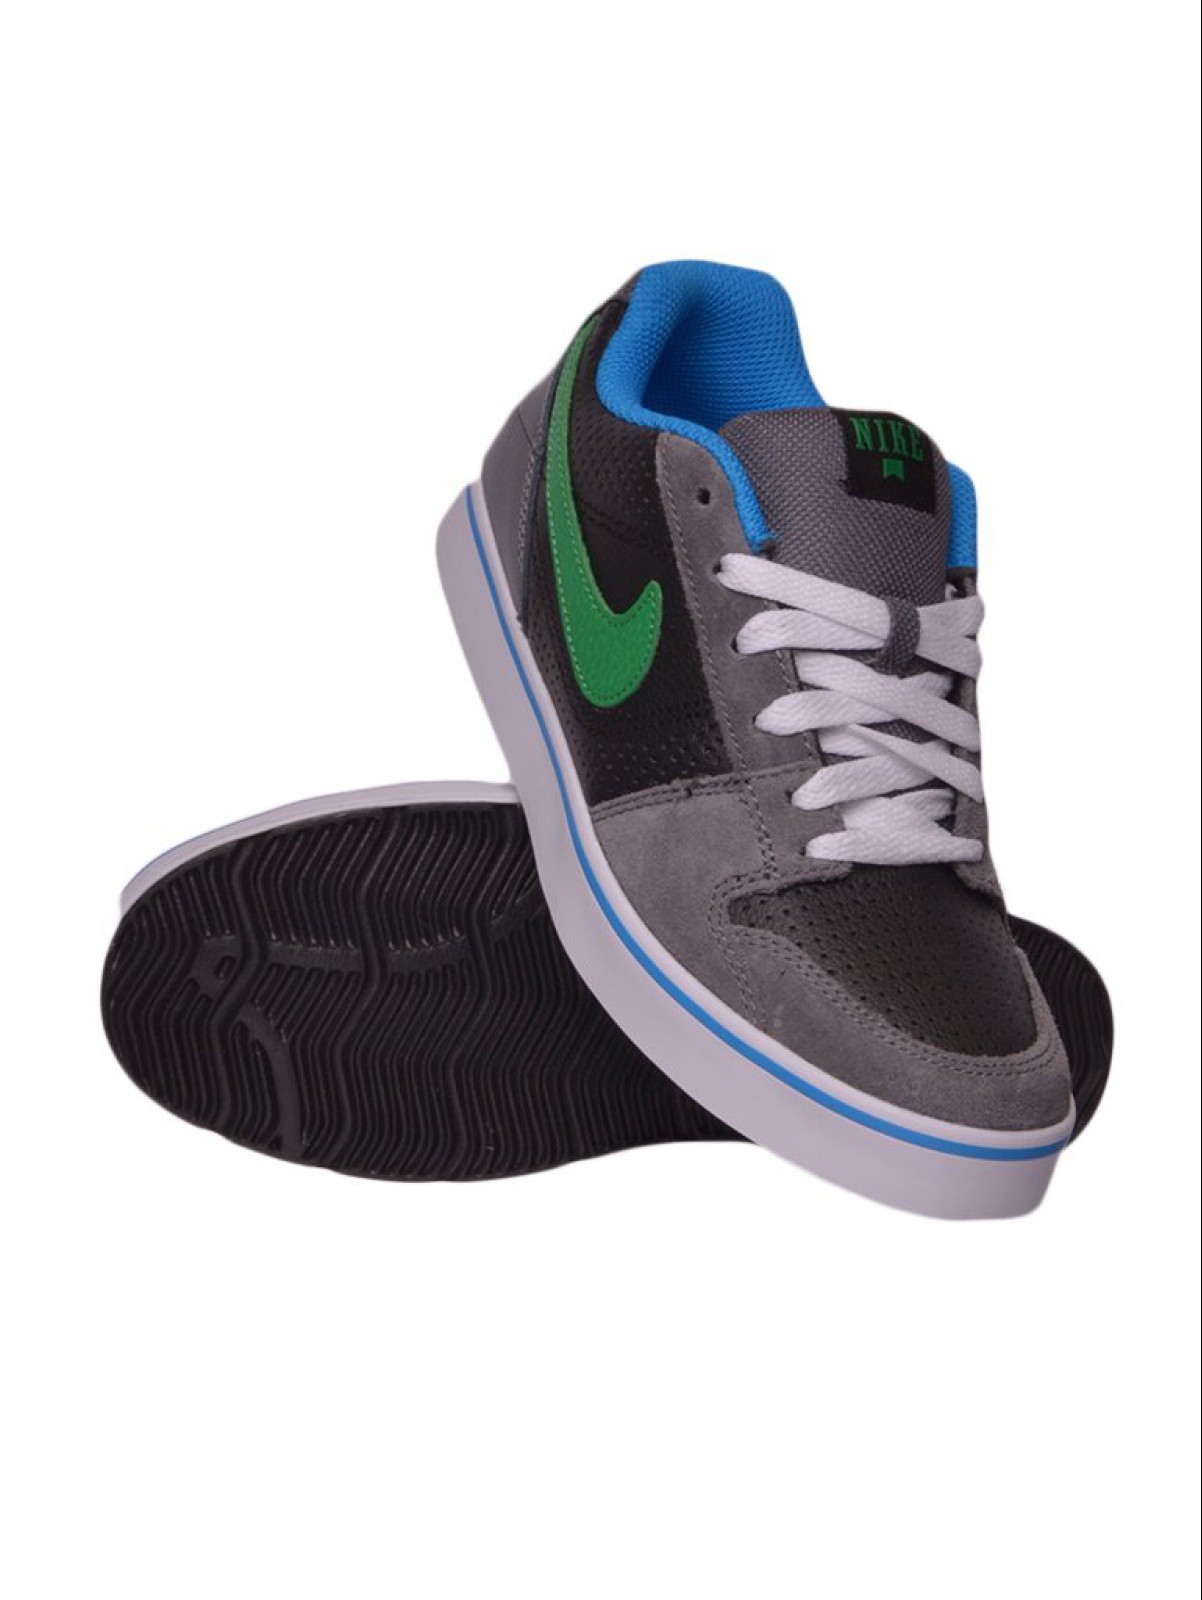 Nike Ruckus Low JR utcai cipő